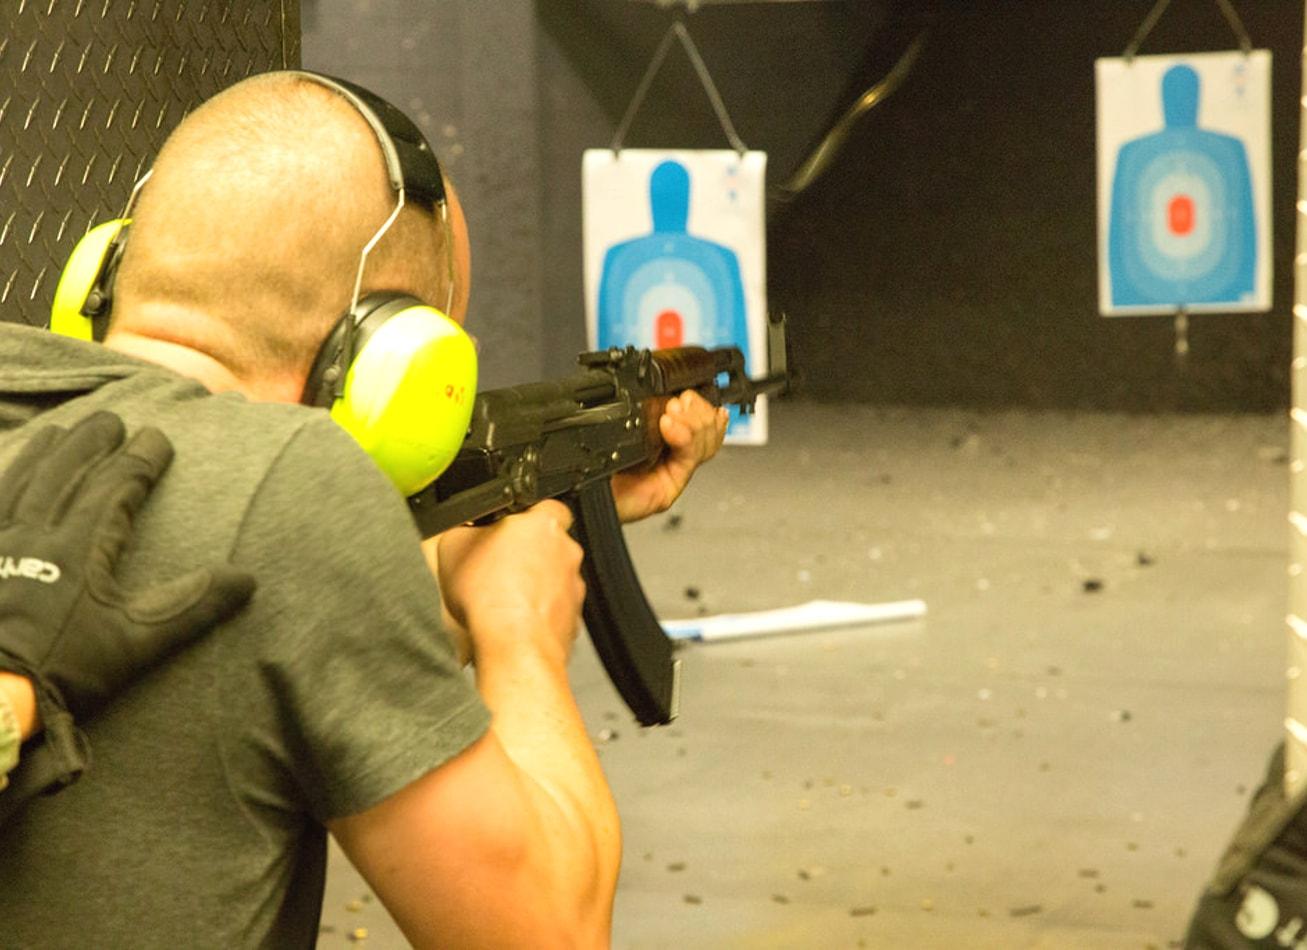 shooting à vilnius 3 armes activites vimigo